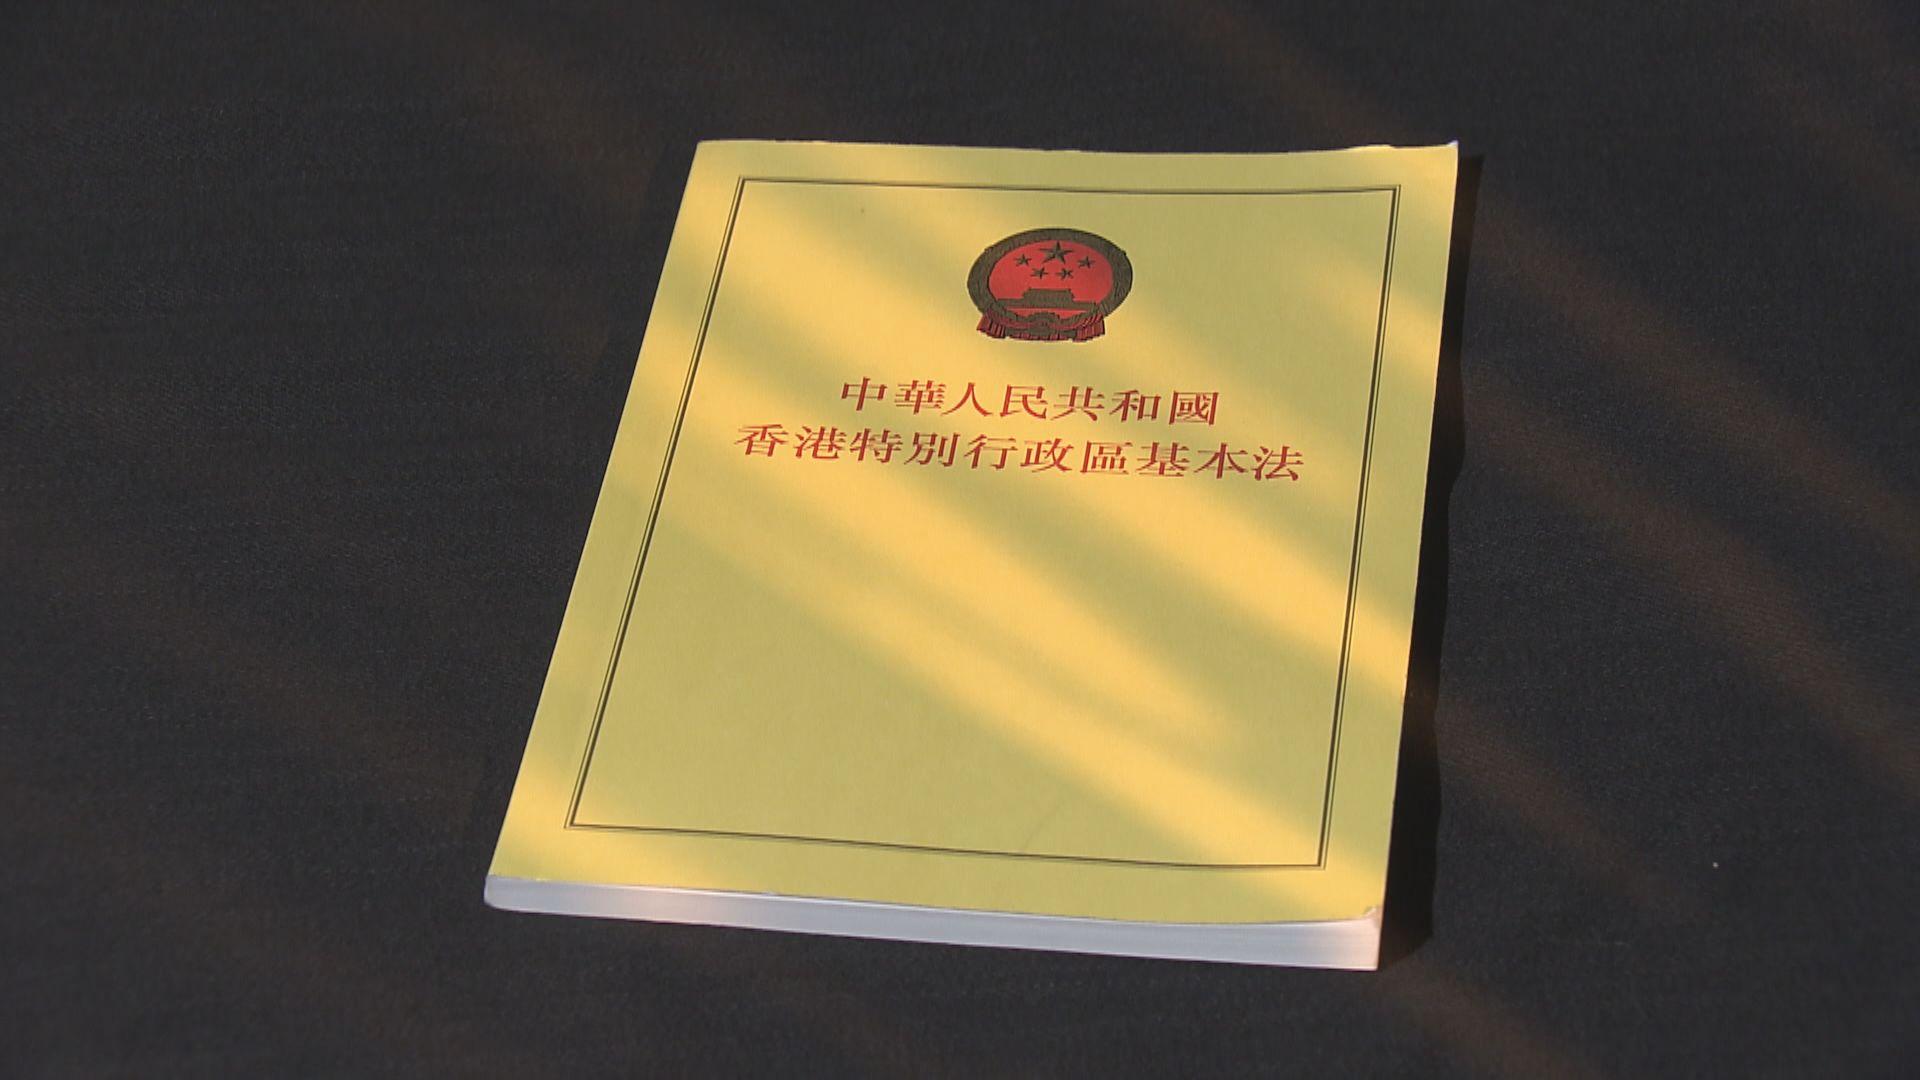 教局料明年推教師操守指引 楊潤雄:教師永久註冊制度值得檢視